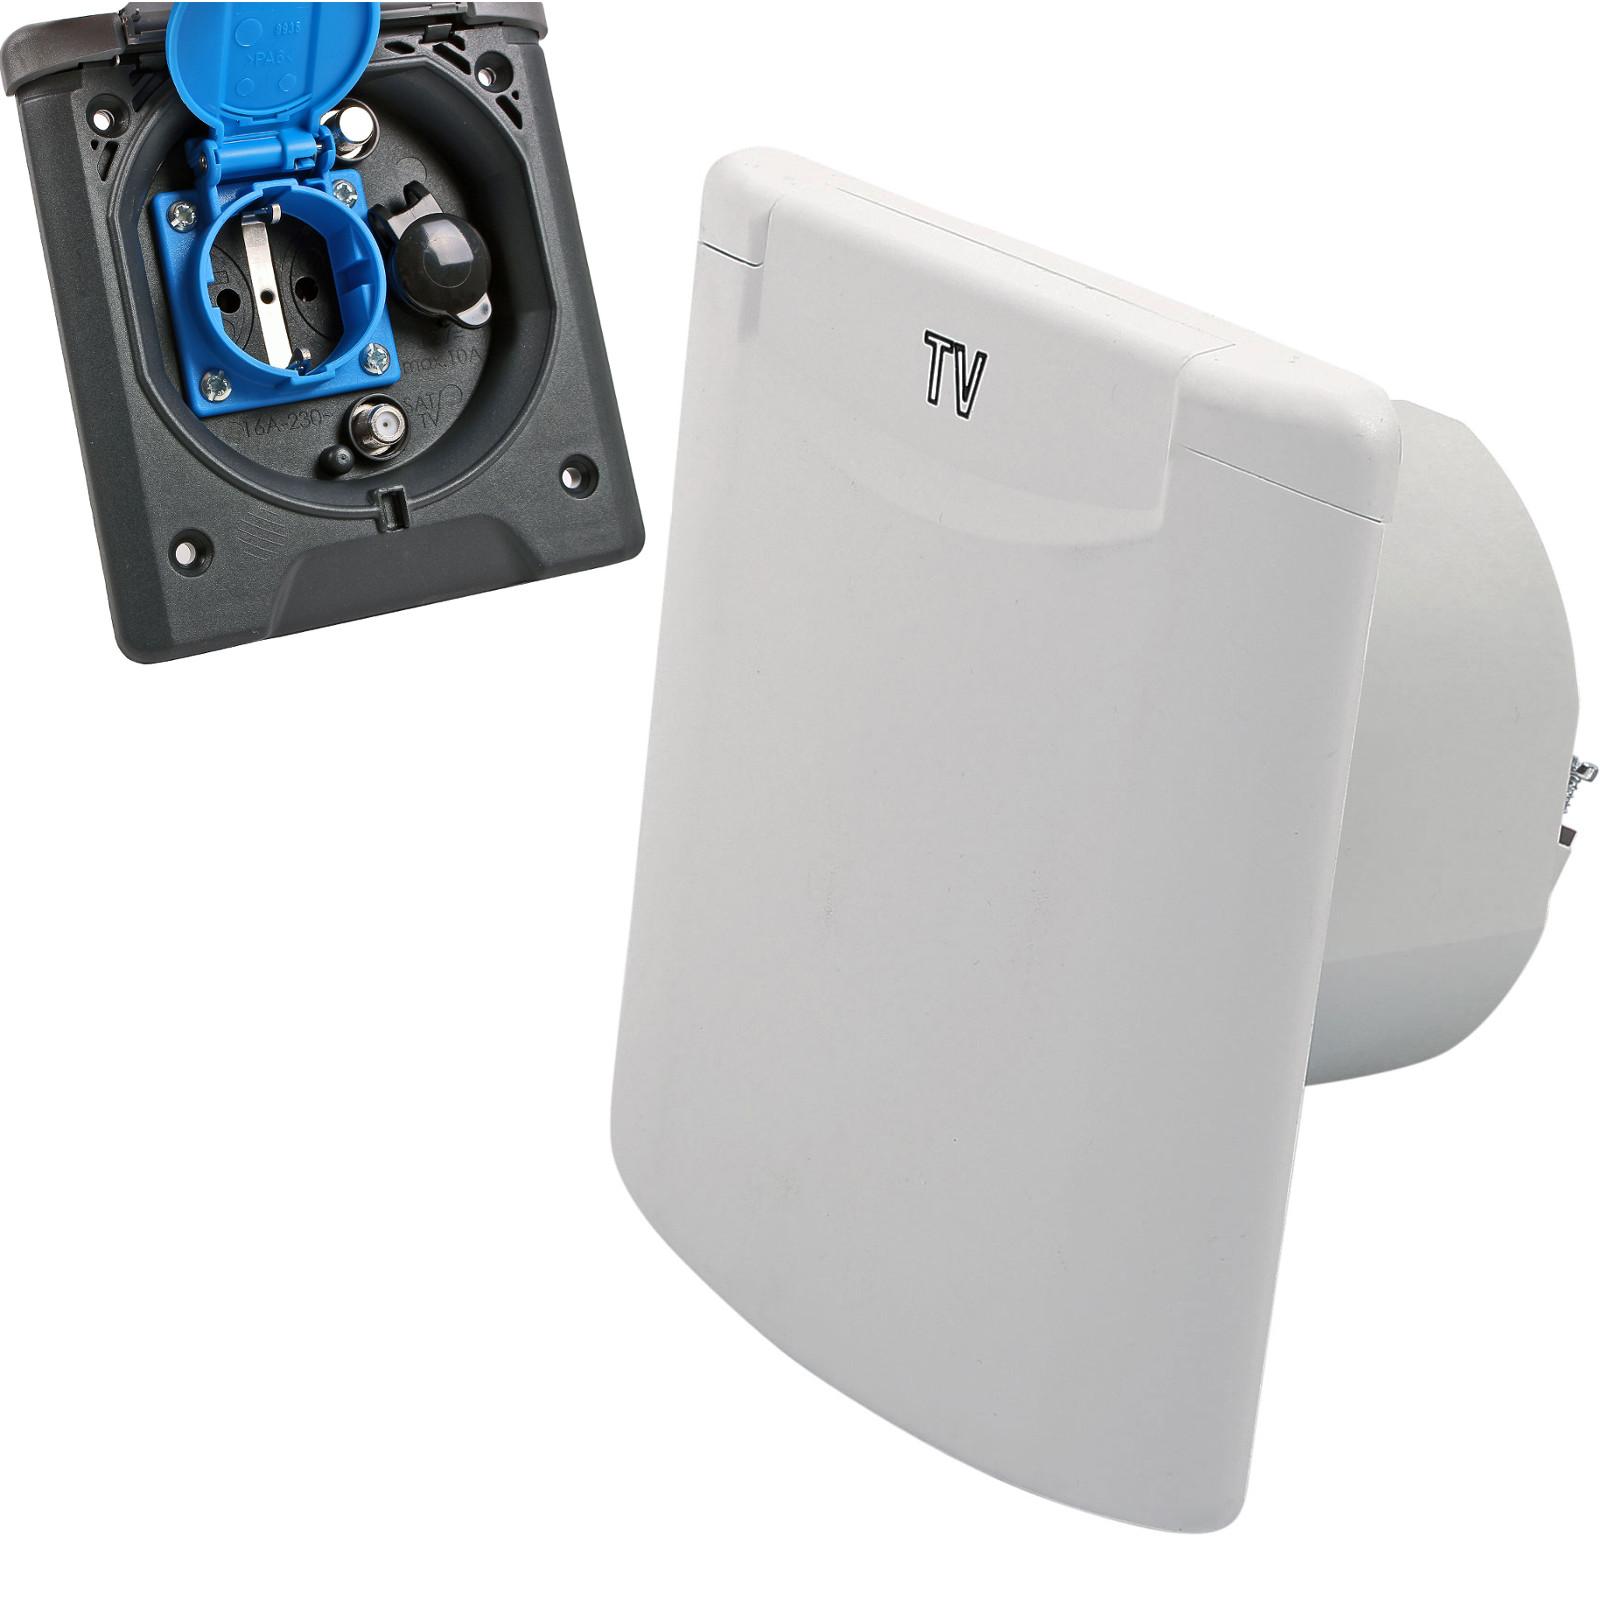 Vorzeltsteckdose Multi 12V und 230V, 2x Sat Weiß IP54, Magnetverschluss